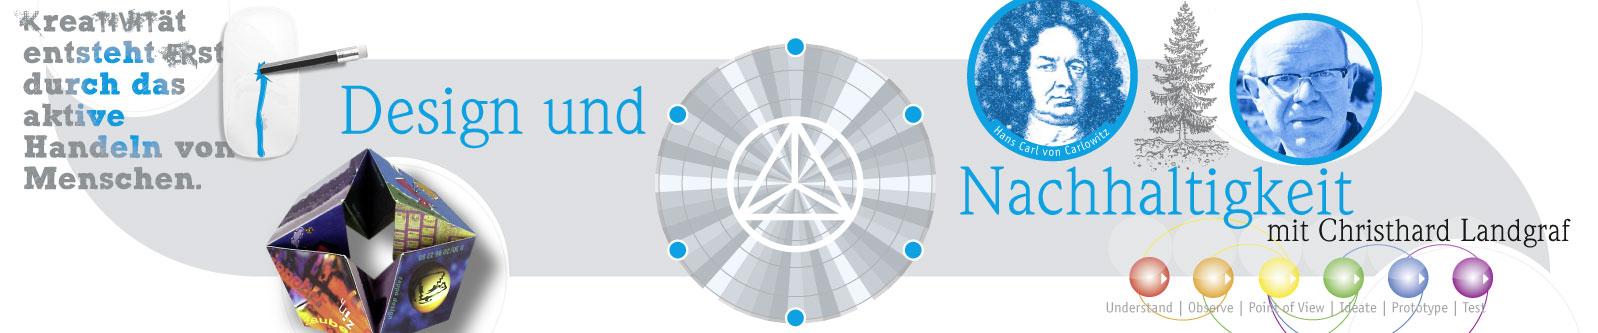 Design+Nachhaltigkeit-1598x333